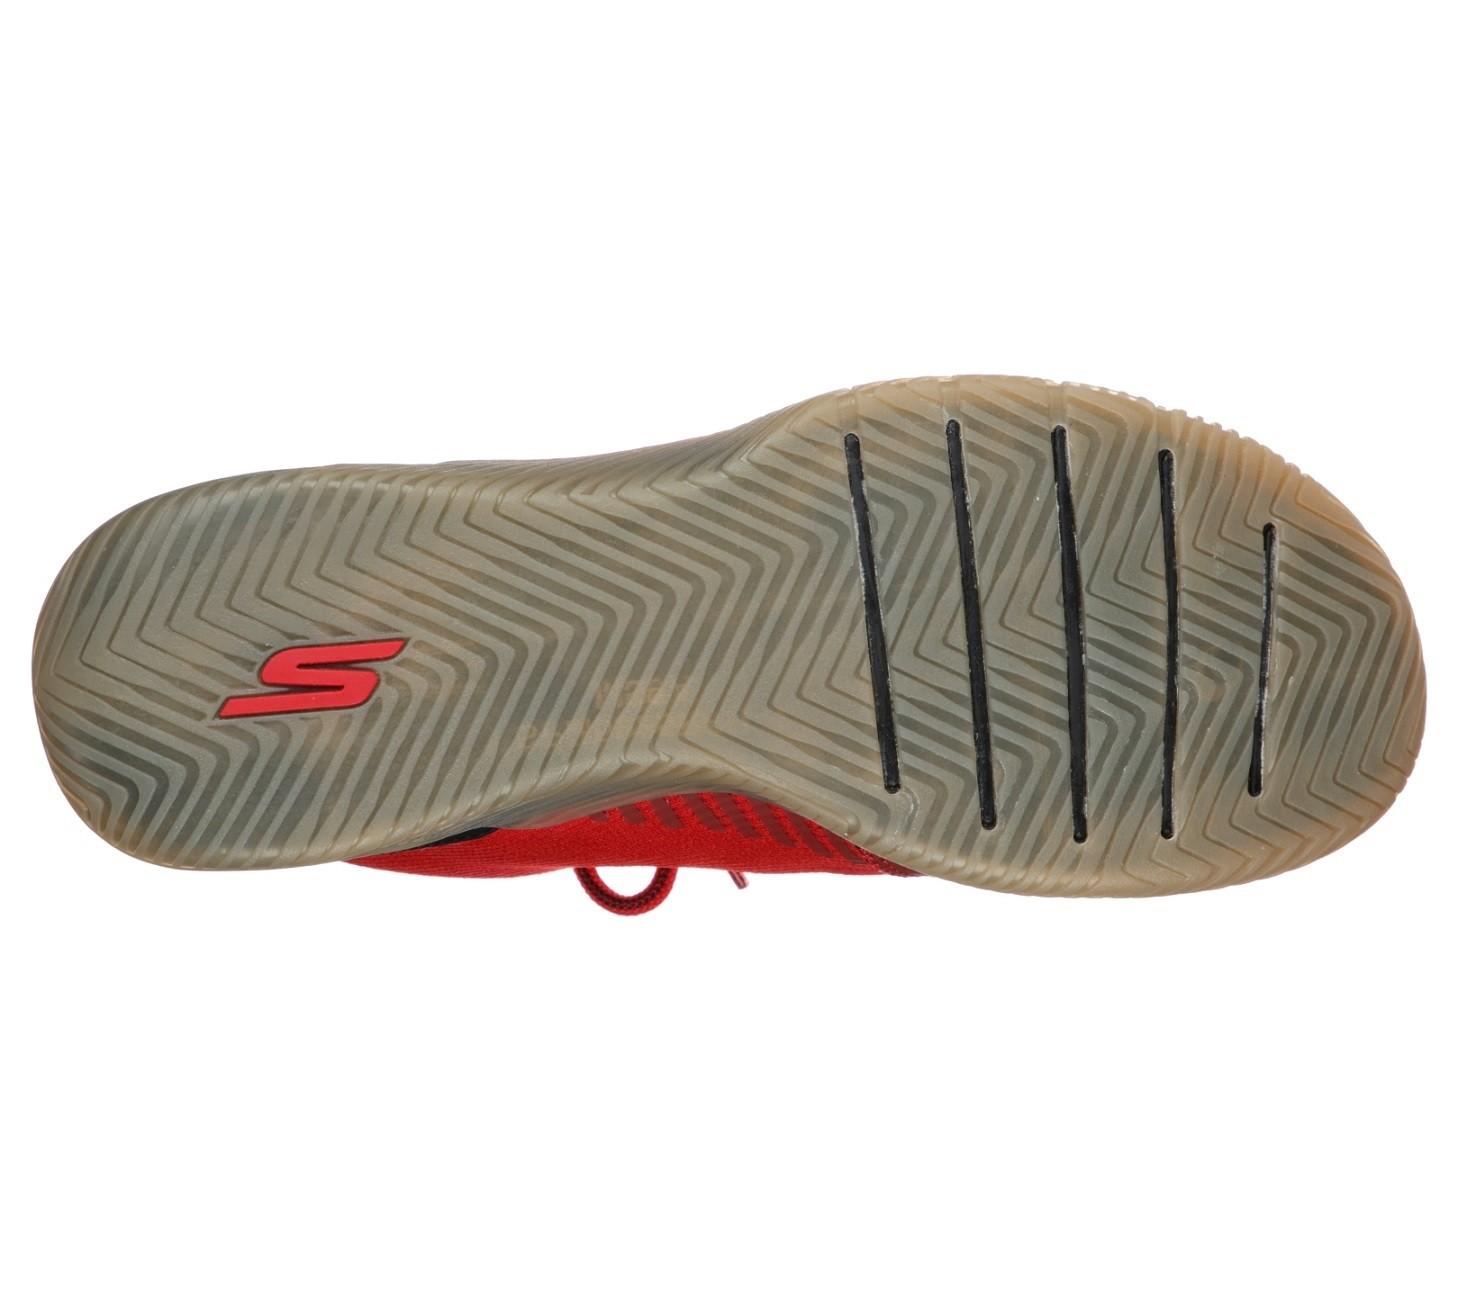 Tênis Go Train-Viper Masculino Skechers Preto e Vermelho